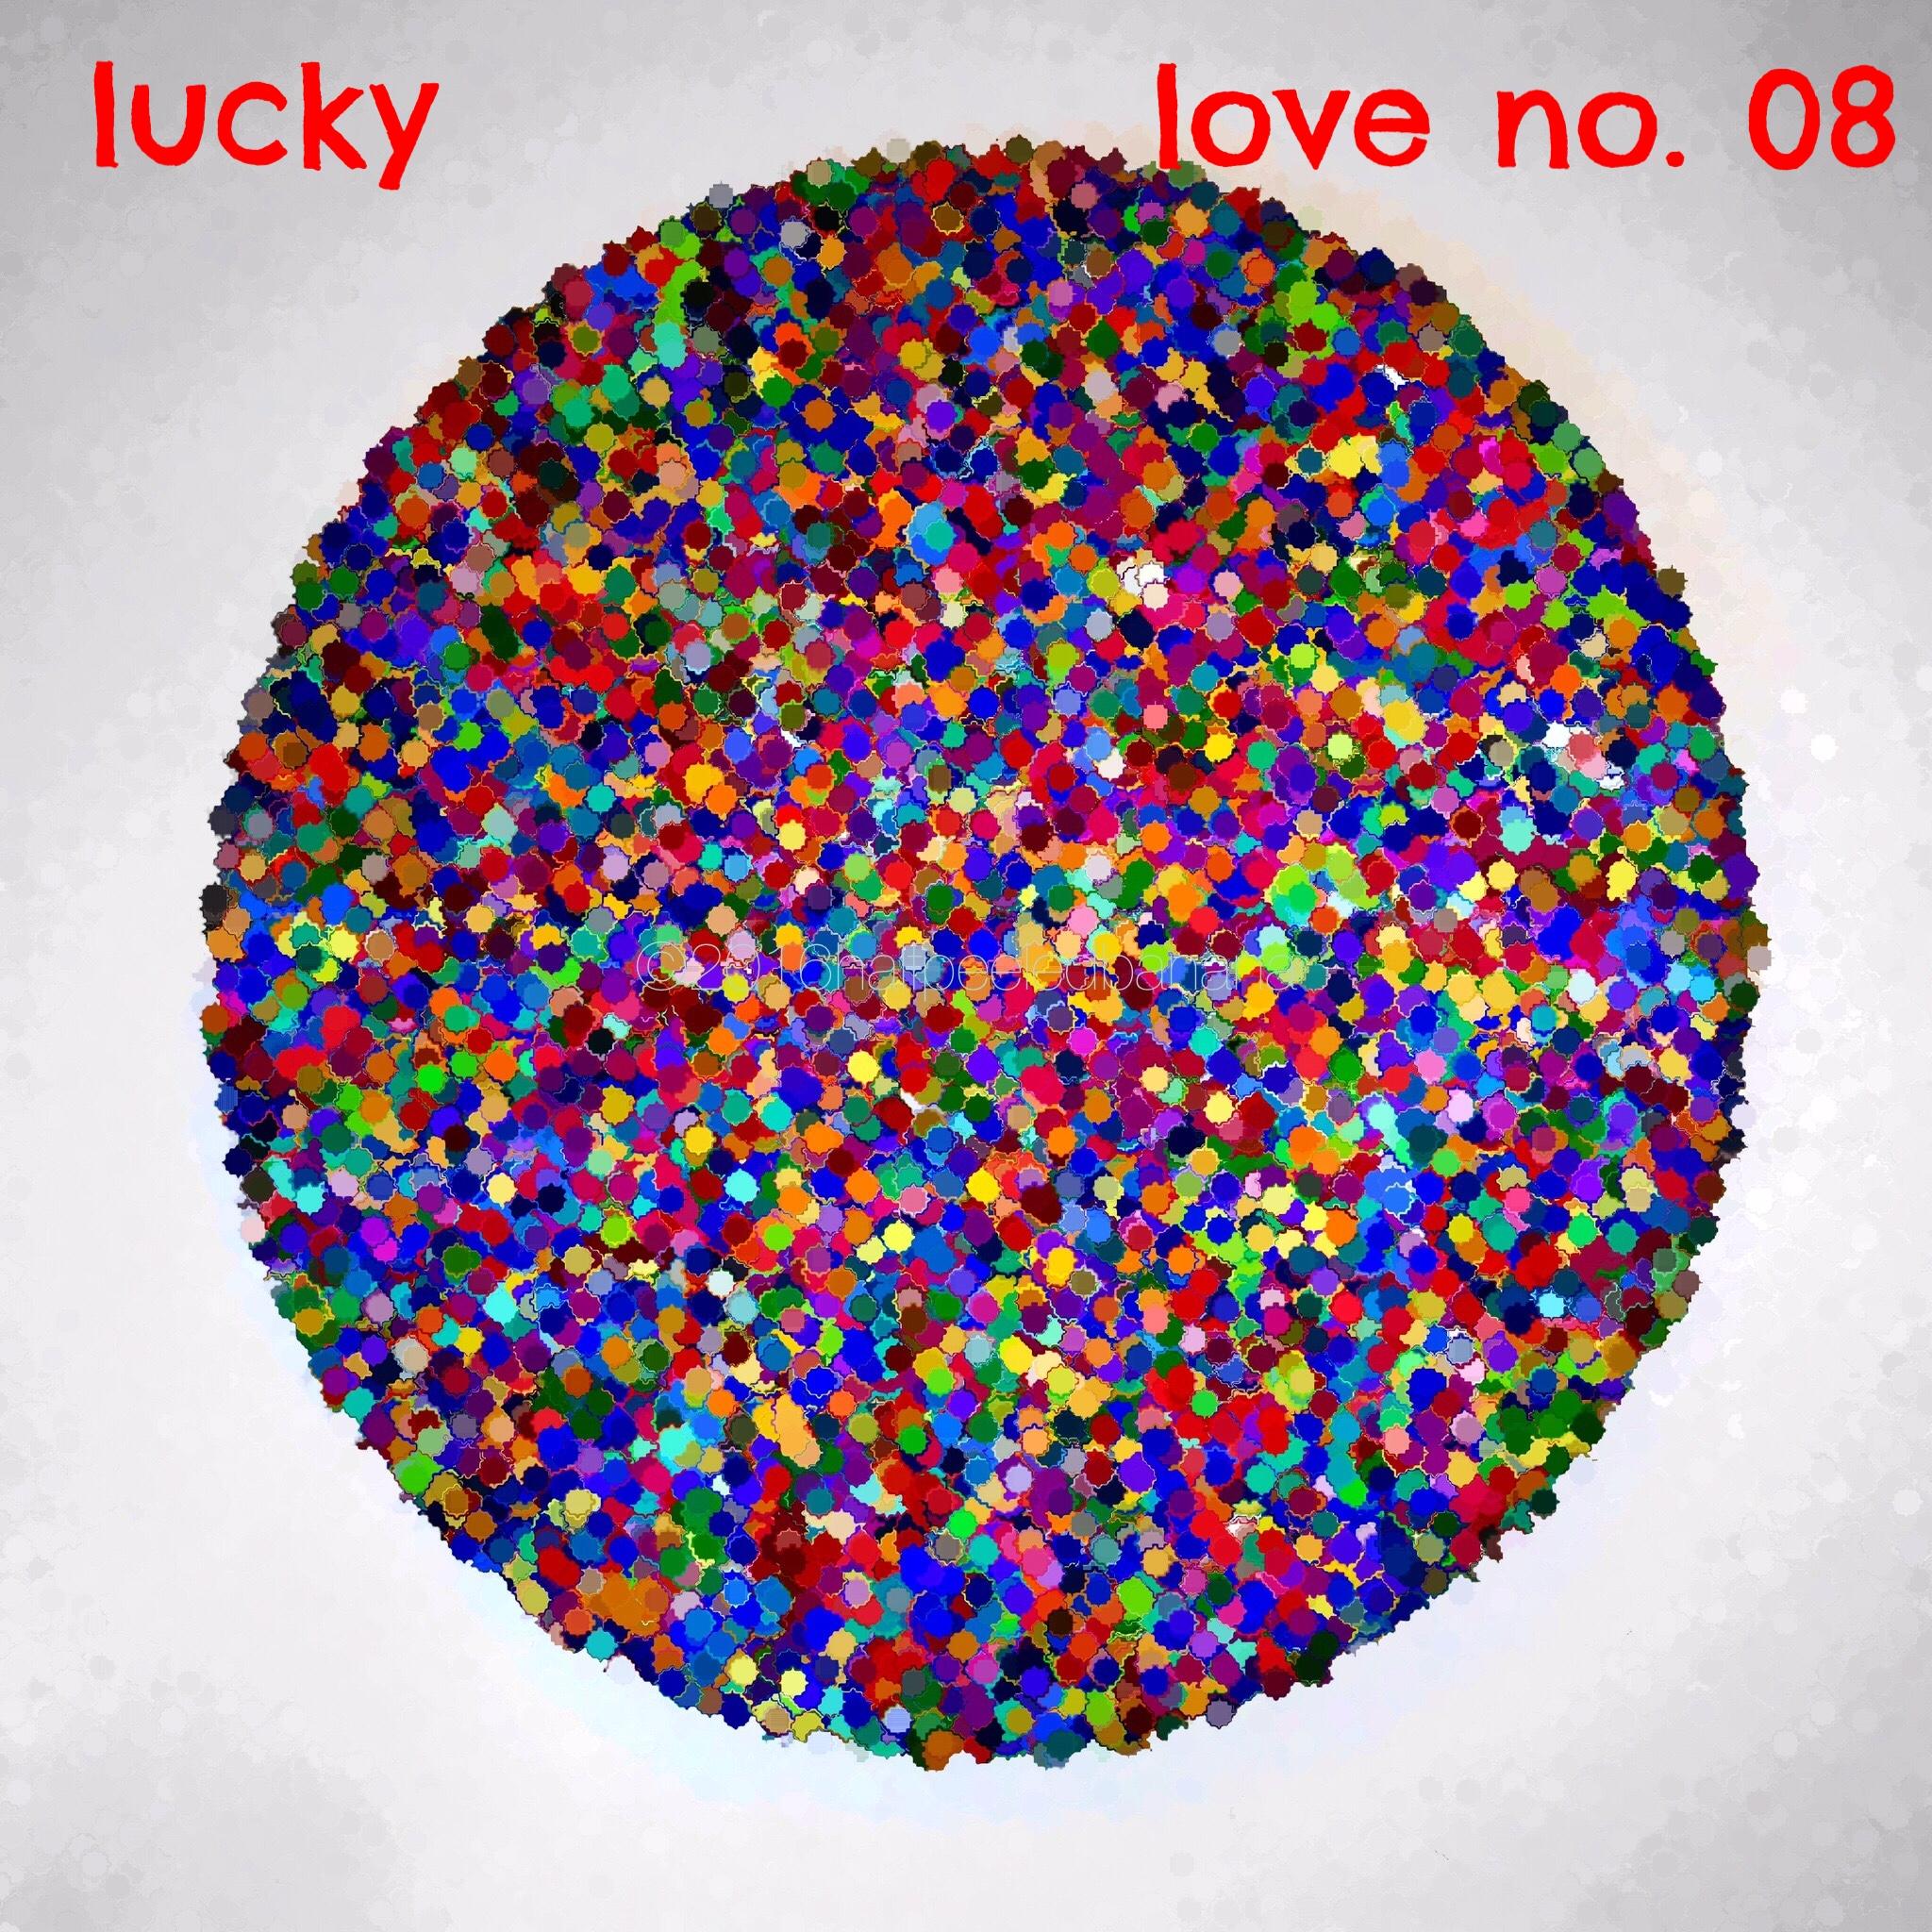 lucky - love print no. 08